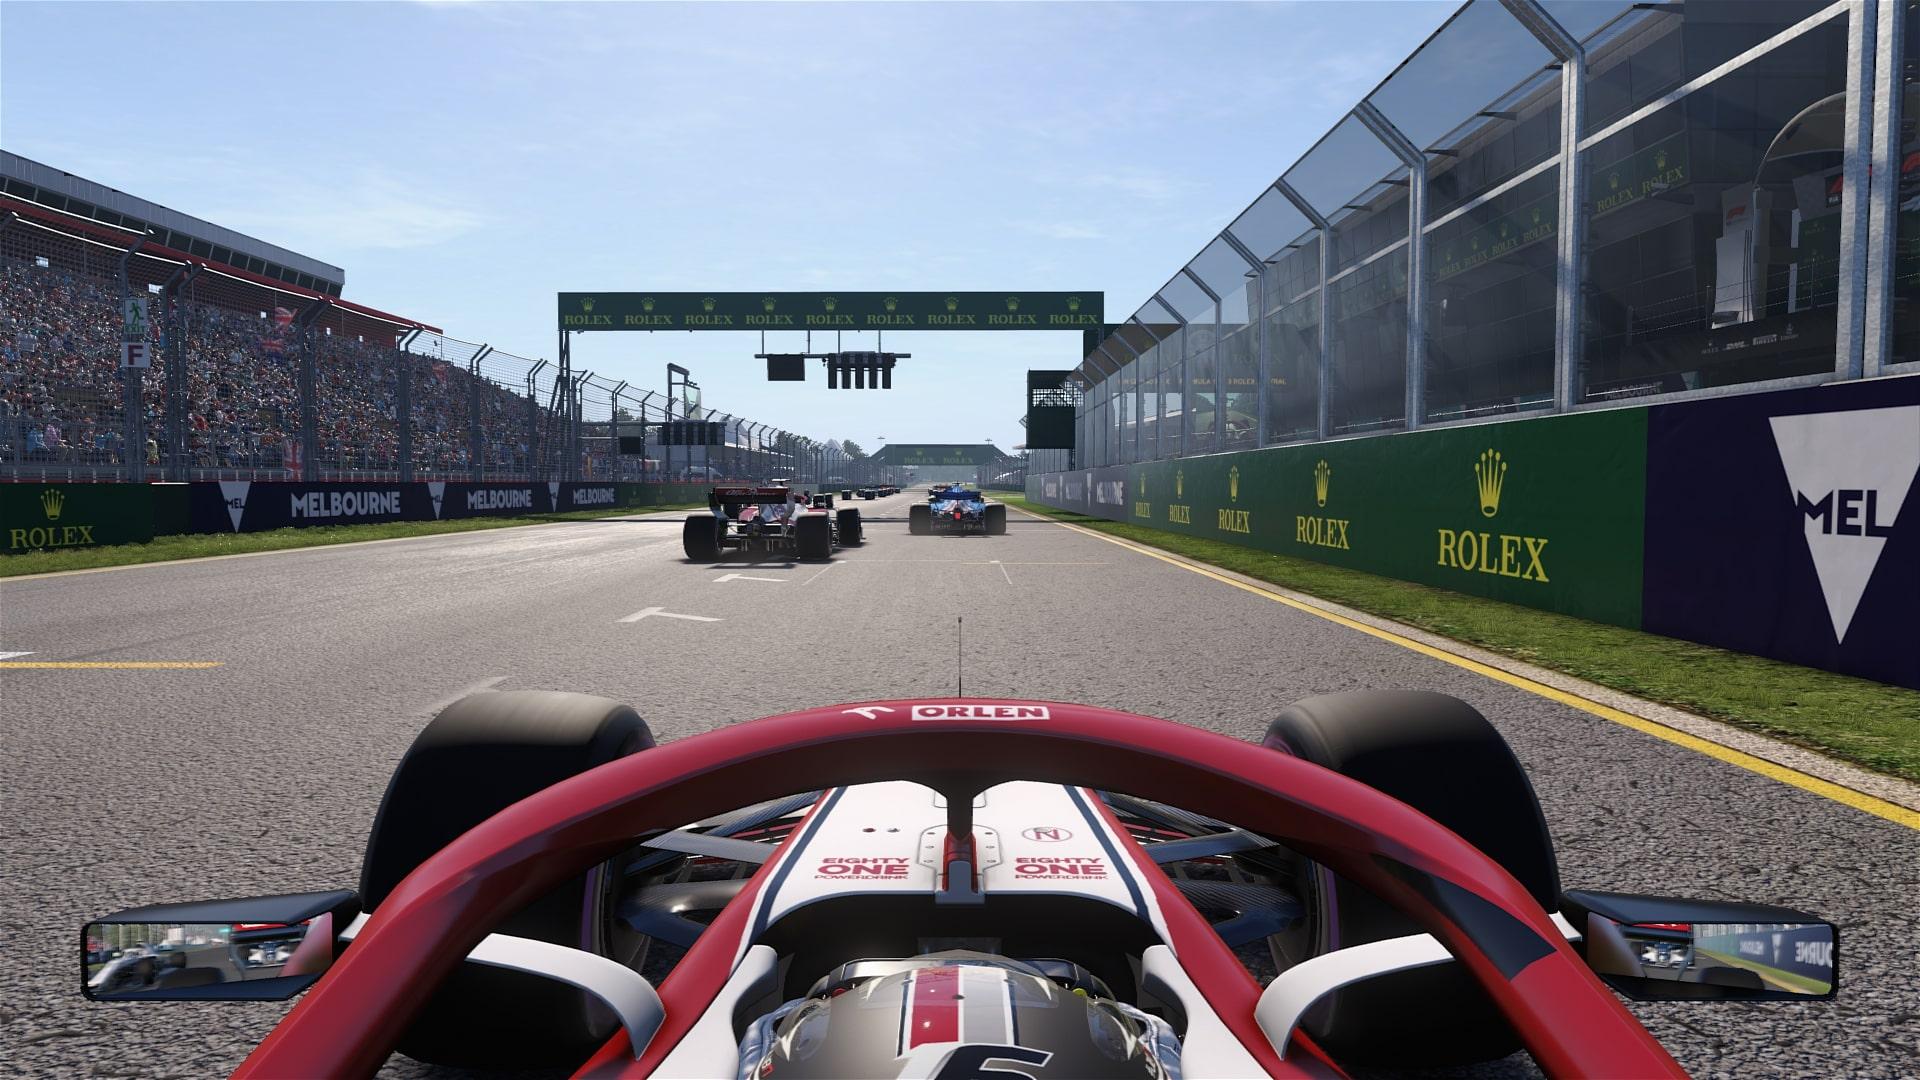 F1 2018 Screenshot 2021.04.22 - 11.44.15.31.jpg